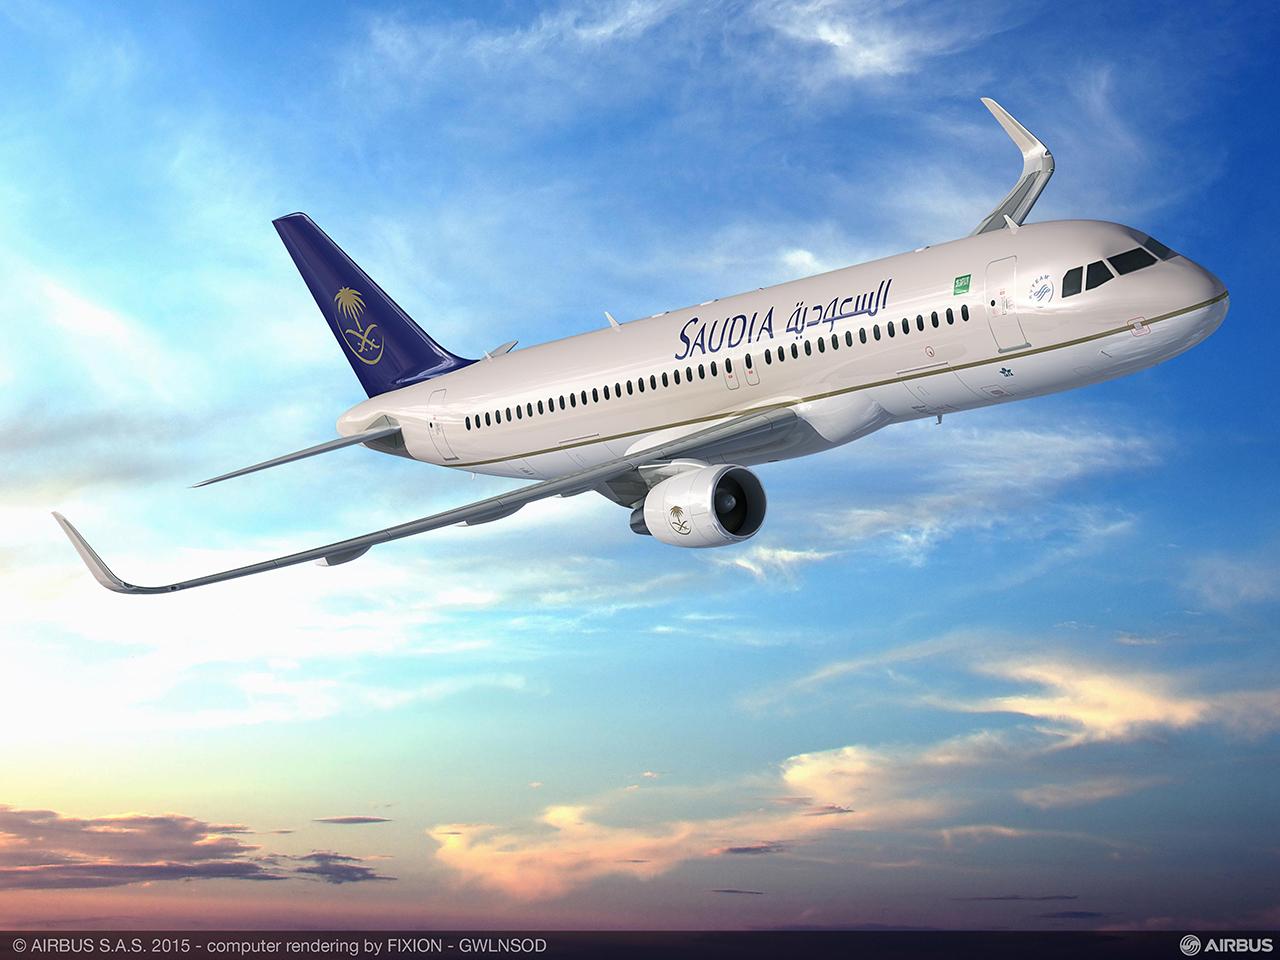 A Saudia a regionális A330-asok mellett, rendelt 30 darab keskenytörzsű, A320ceo (azaz a jelenlegi hajtómű opcióval szerelt) keskenytörzsű repülőgépet is. Grafika: Airbus | © AIRportal.hu